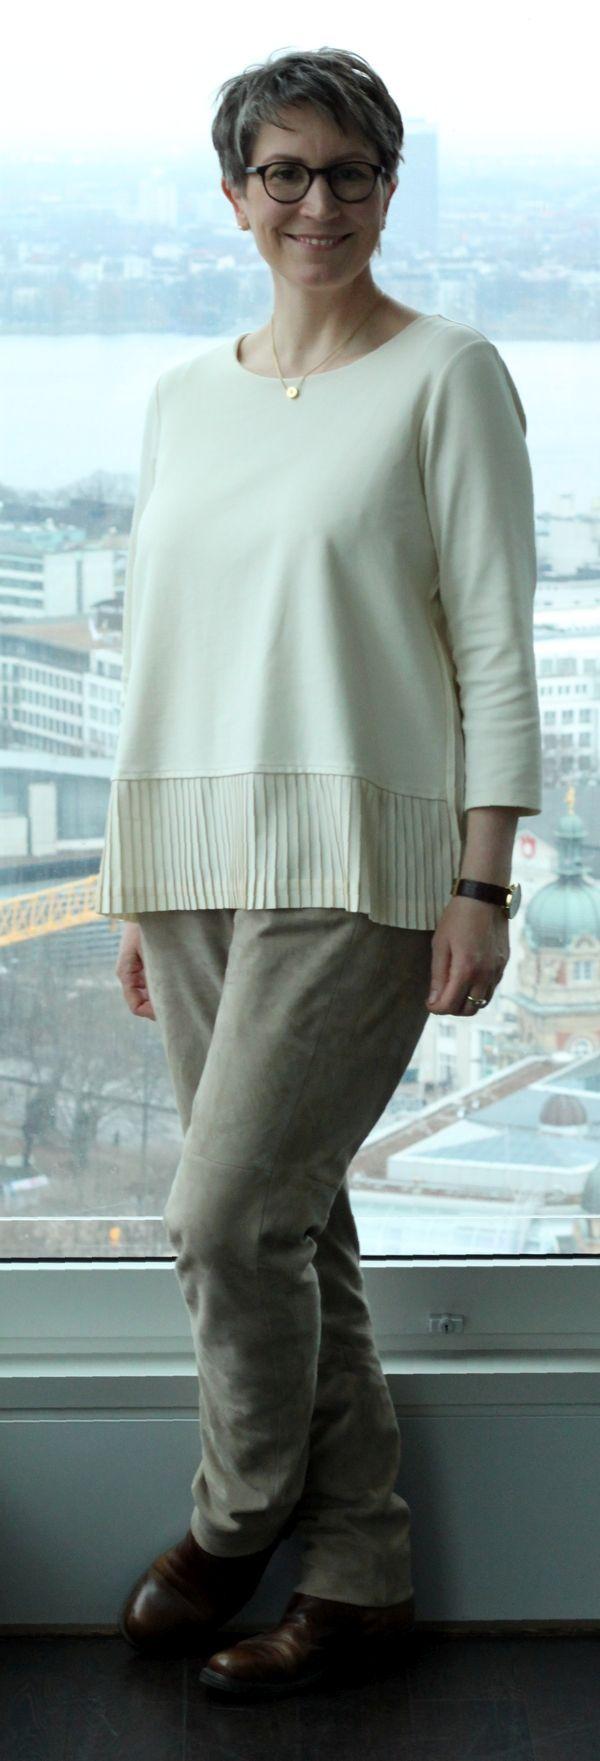 Oberteil und Hose kombiniert in ähnlicher Farbe verlängert optisch die Silhouette - Schuhe im Kontrast dazu verkürzen die Beine.  Das eine gleicht das andere aus. Ines Meyrose #ootd 20170212 mit Ponté-Shirt Plissee von Lands' End, Lederhose von Oakwood, Boots Camper